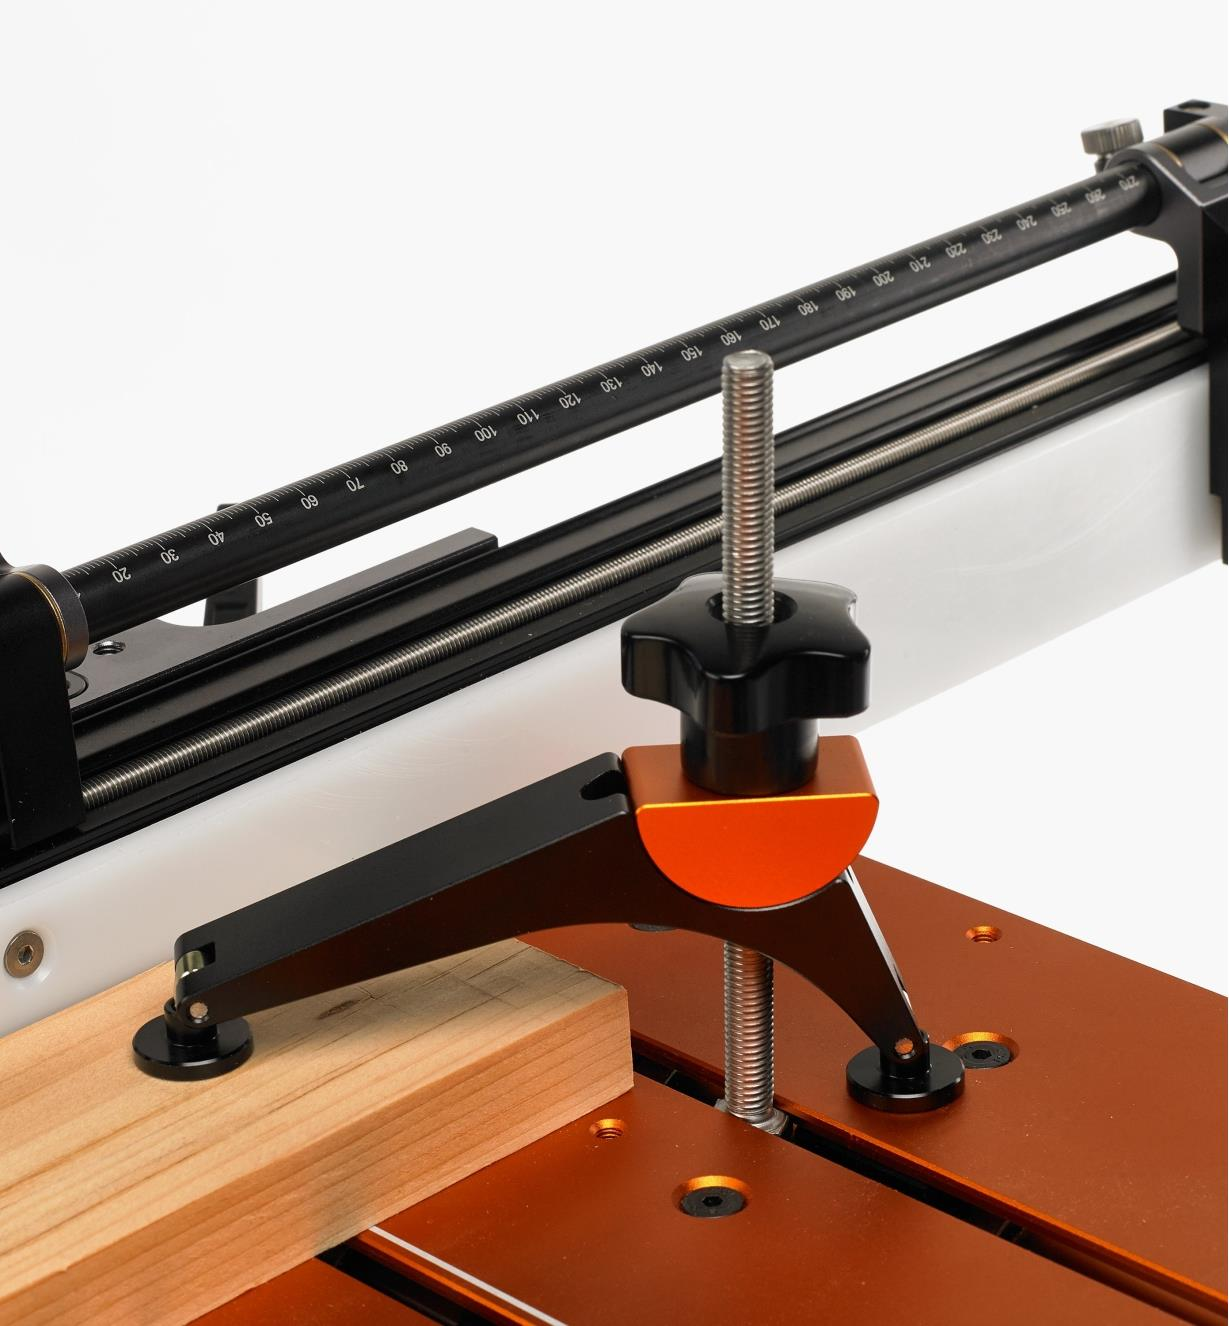 17N1712 - Serre de retenue pour scie d'assemblage Jointmaker Pro BridgeCity